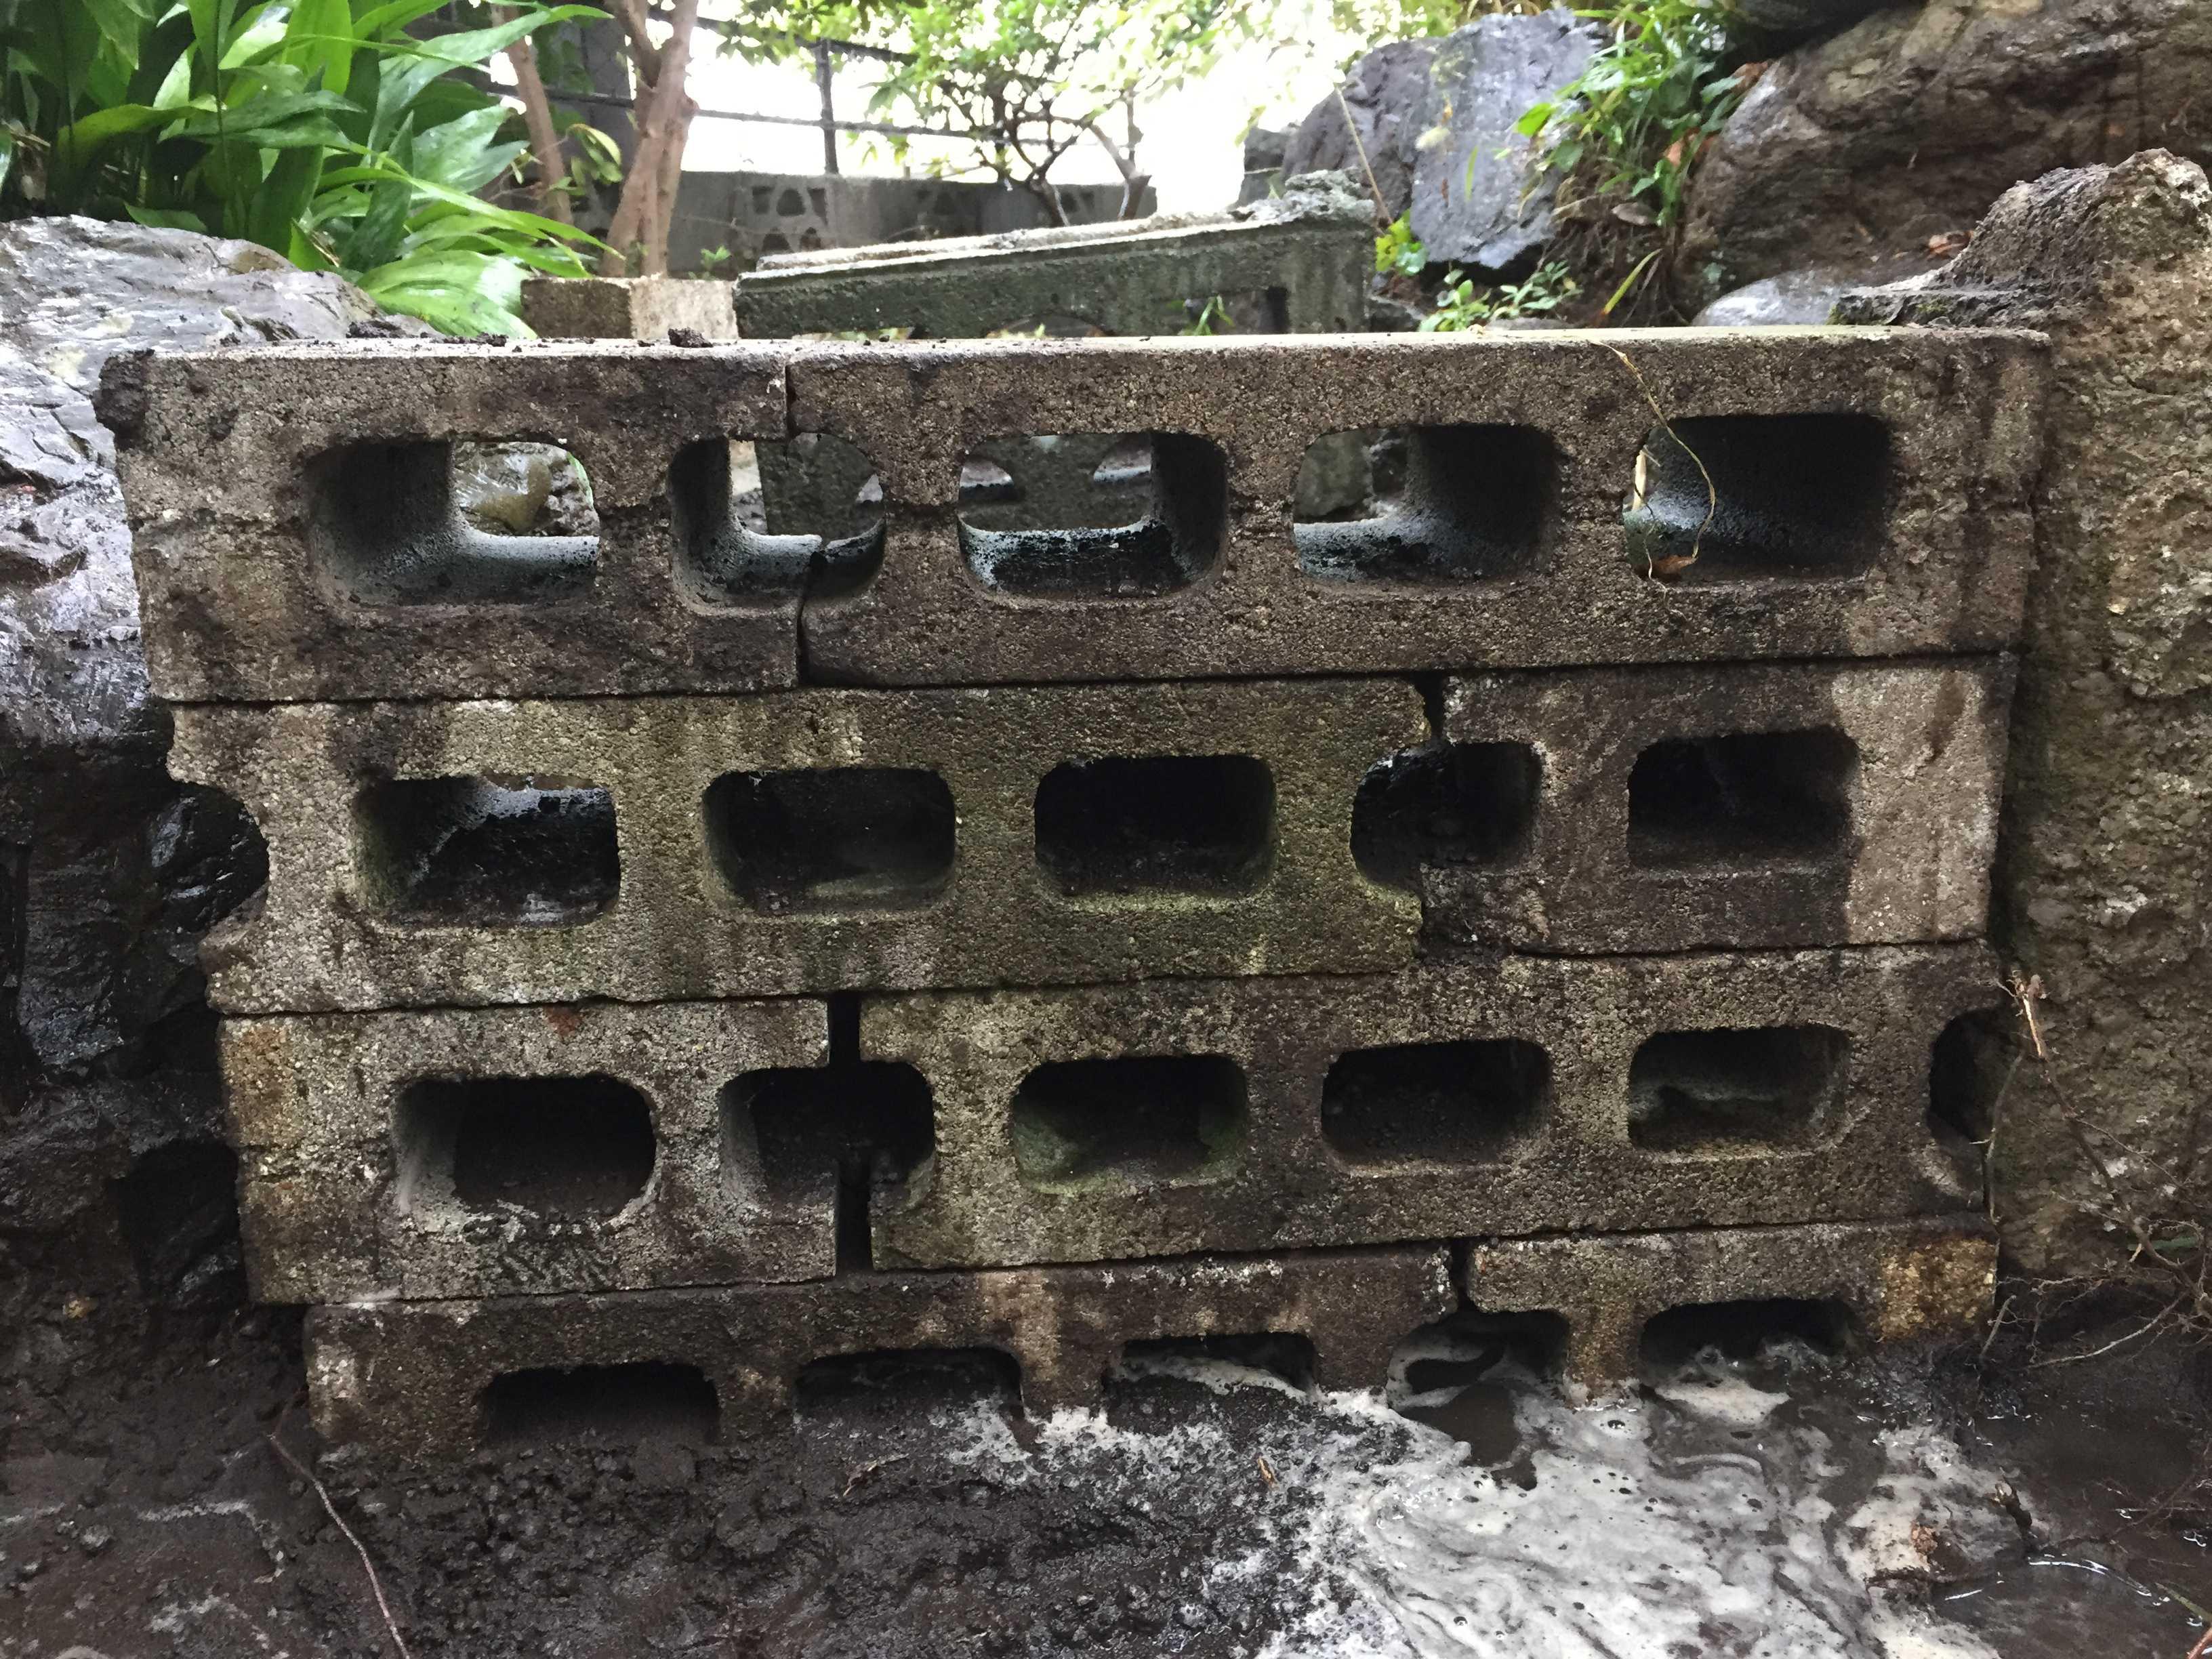 ヤマユリの鱗片定植 - ブロックの積み方